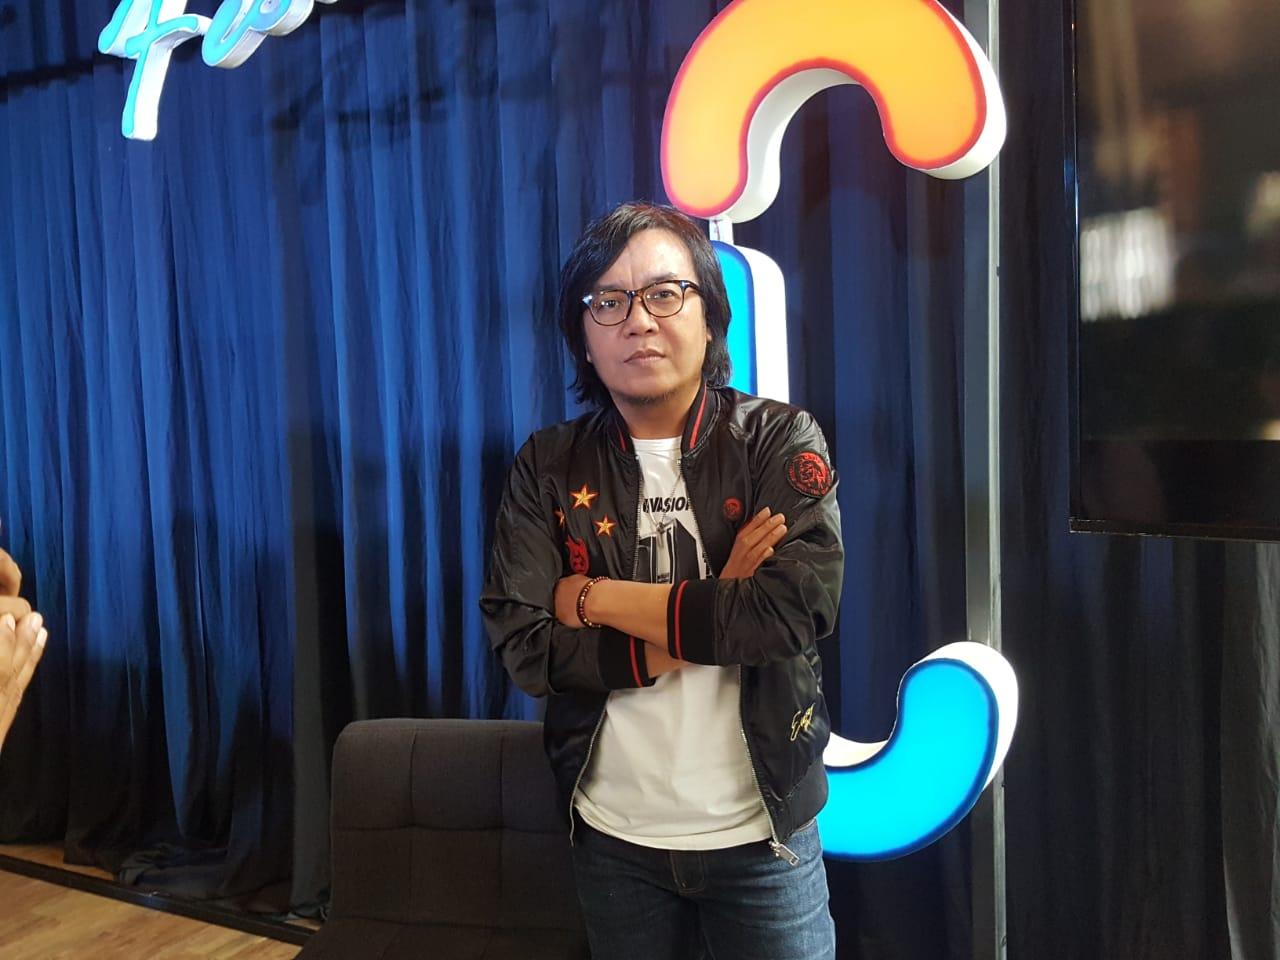 Dewa 19 Mungkin Tampil di Authenticity Fest 2018, Ahmad Dhani Tersangka Bagaimana?